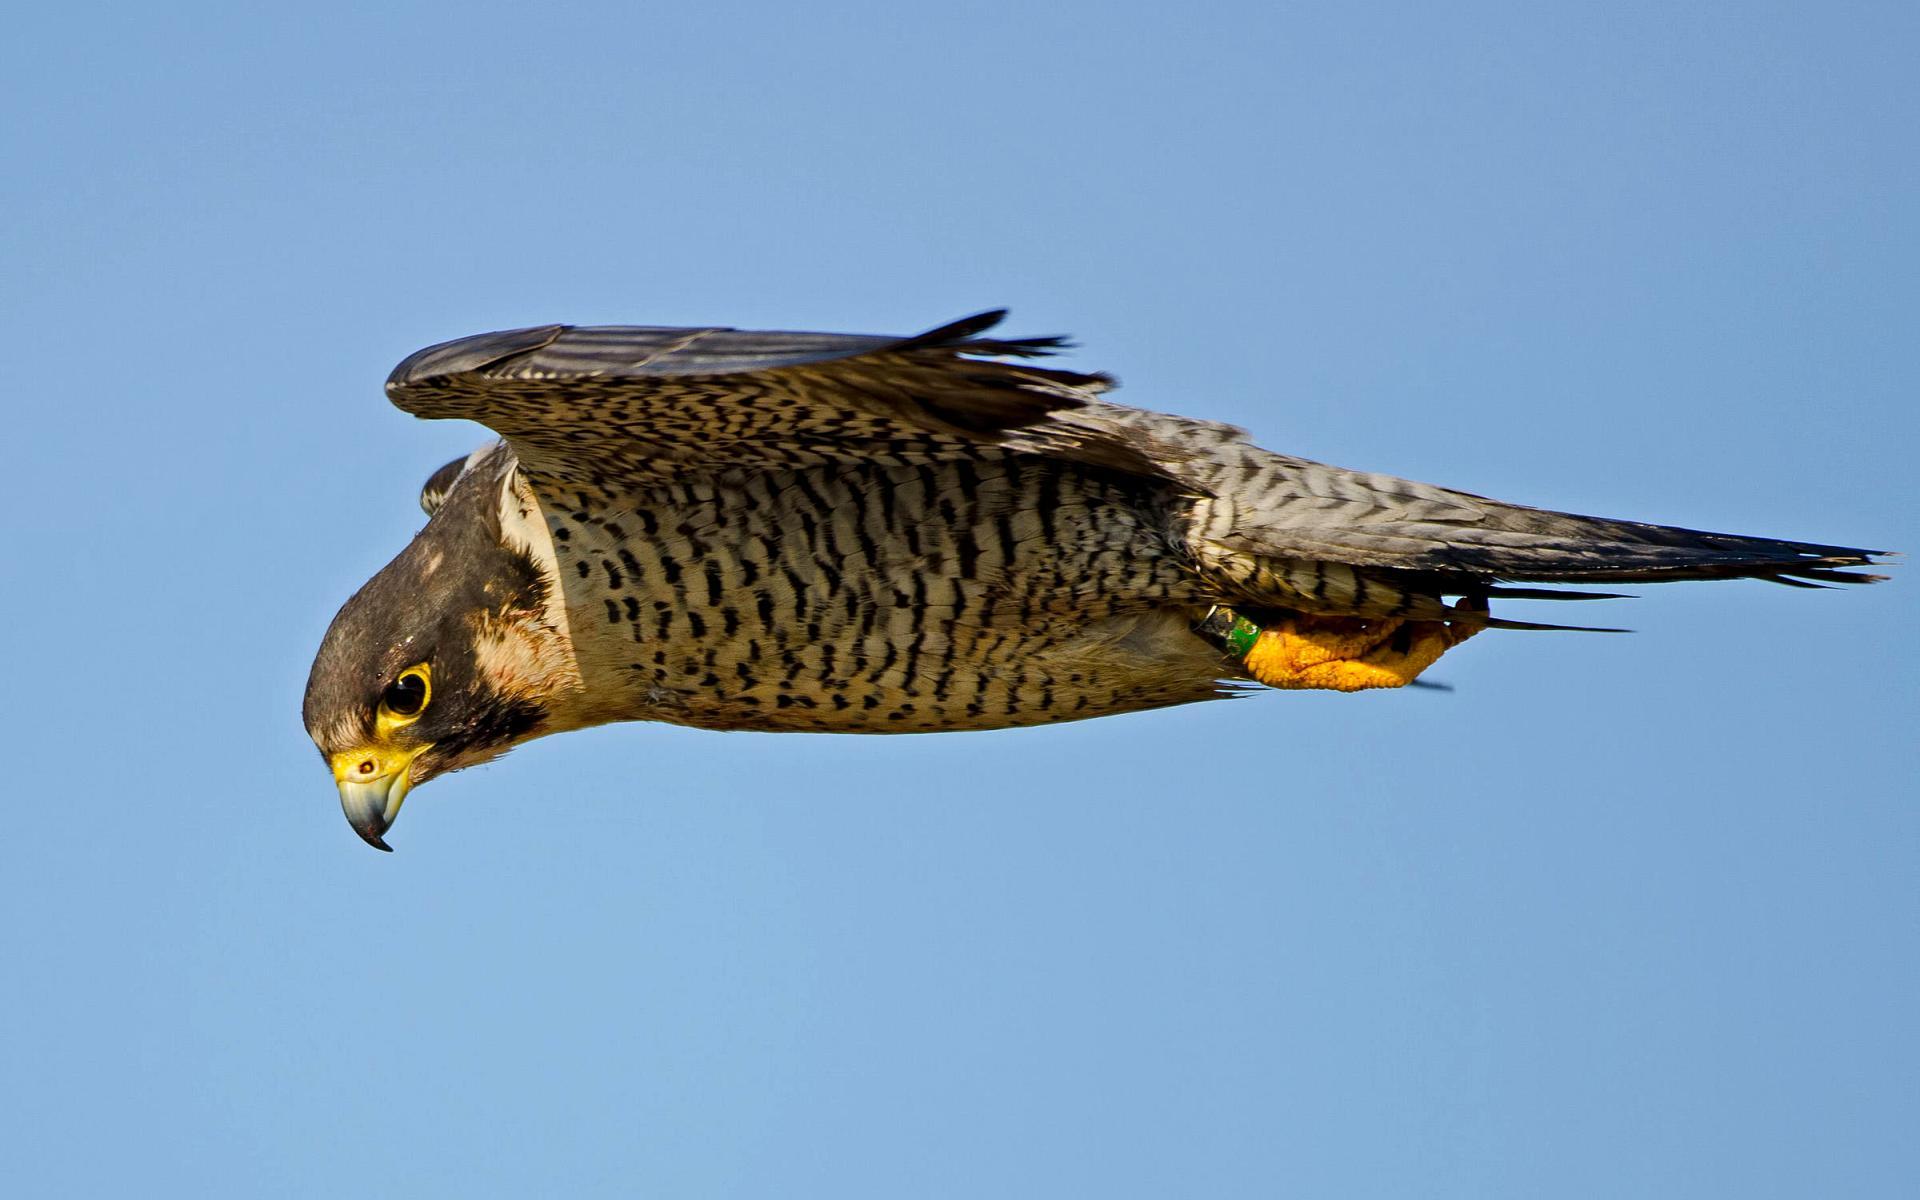 пособие способствует сапсан фото птицы в полете стэнли